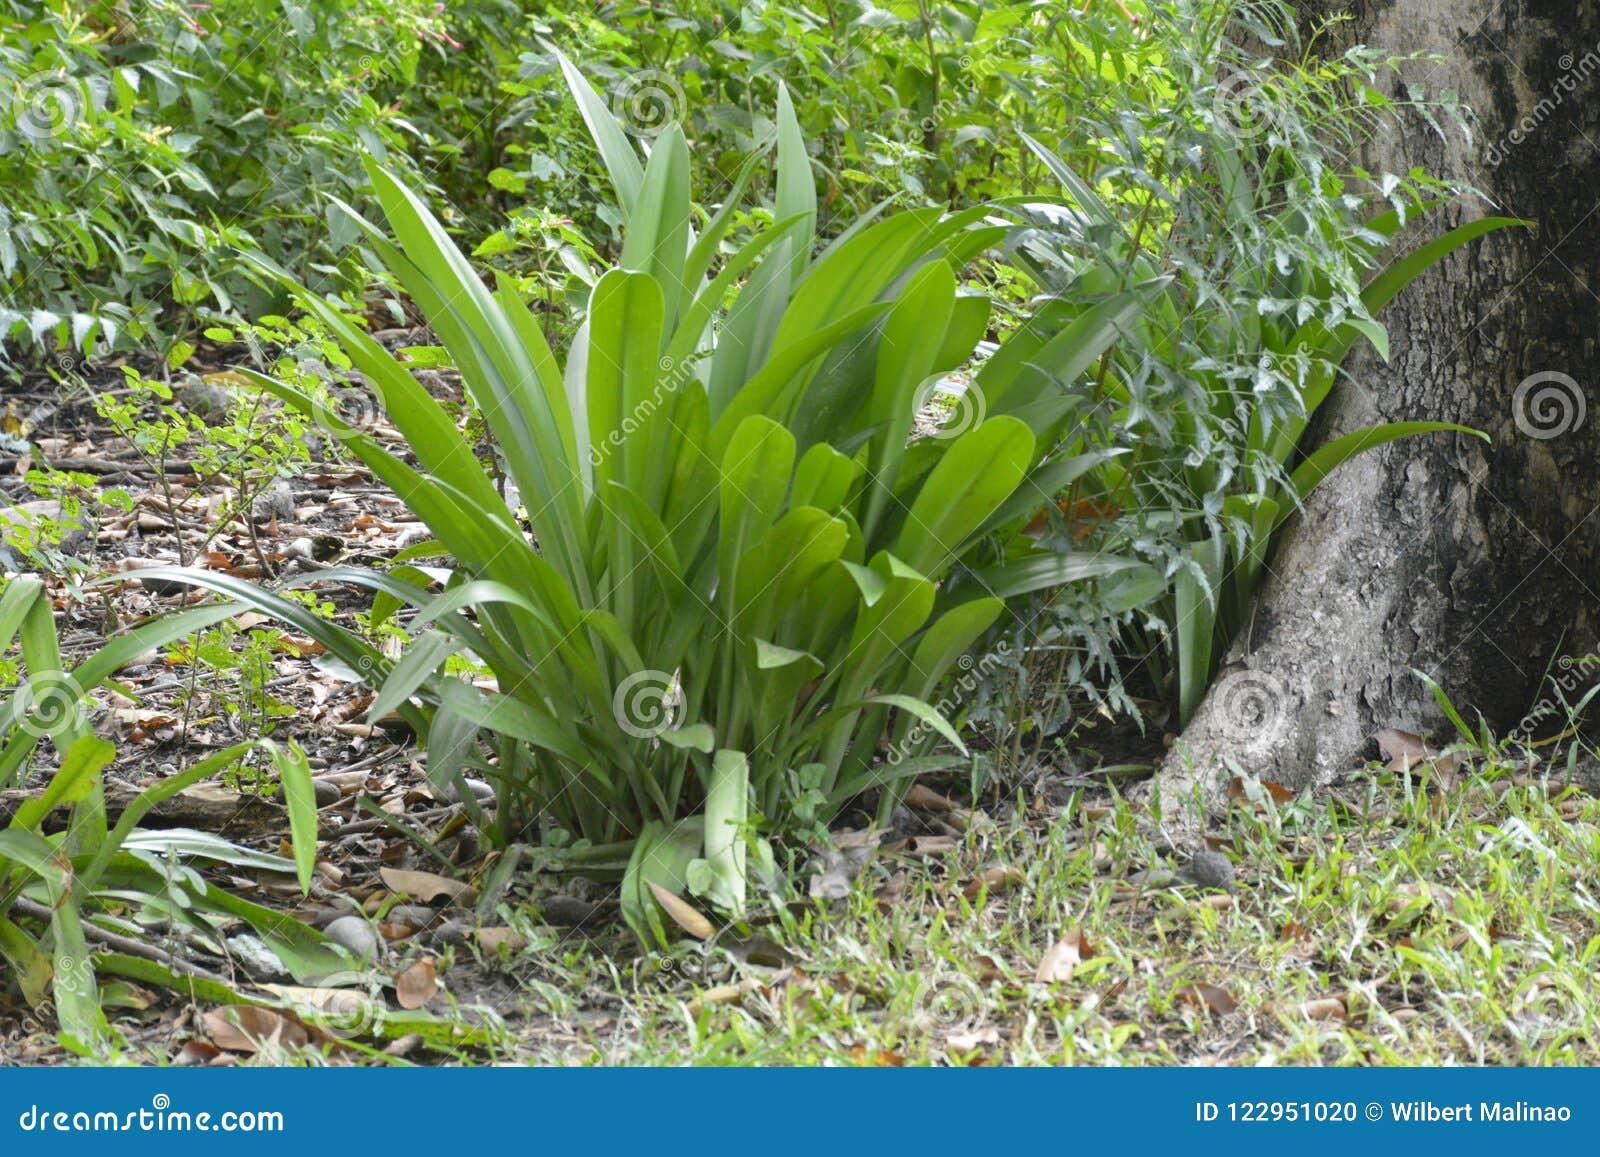 Plants grown in Tologan, Padada, Davao del Sur, Philippines